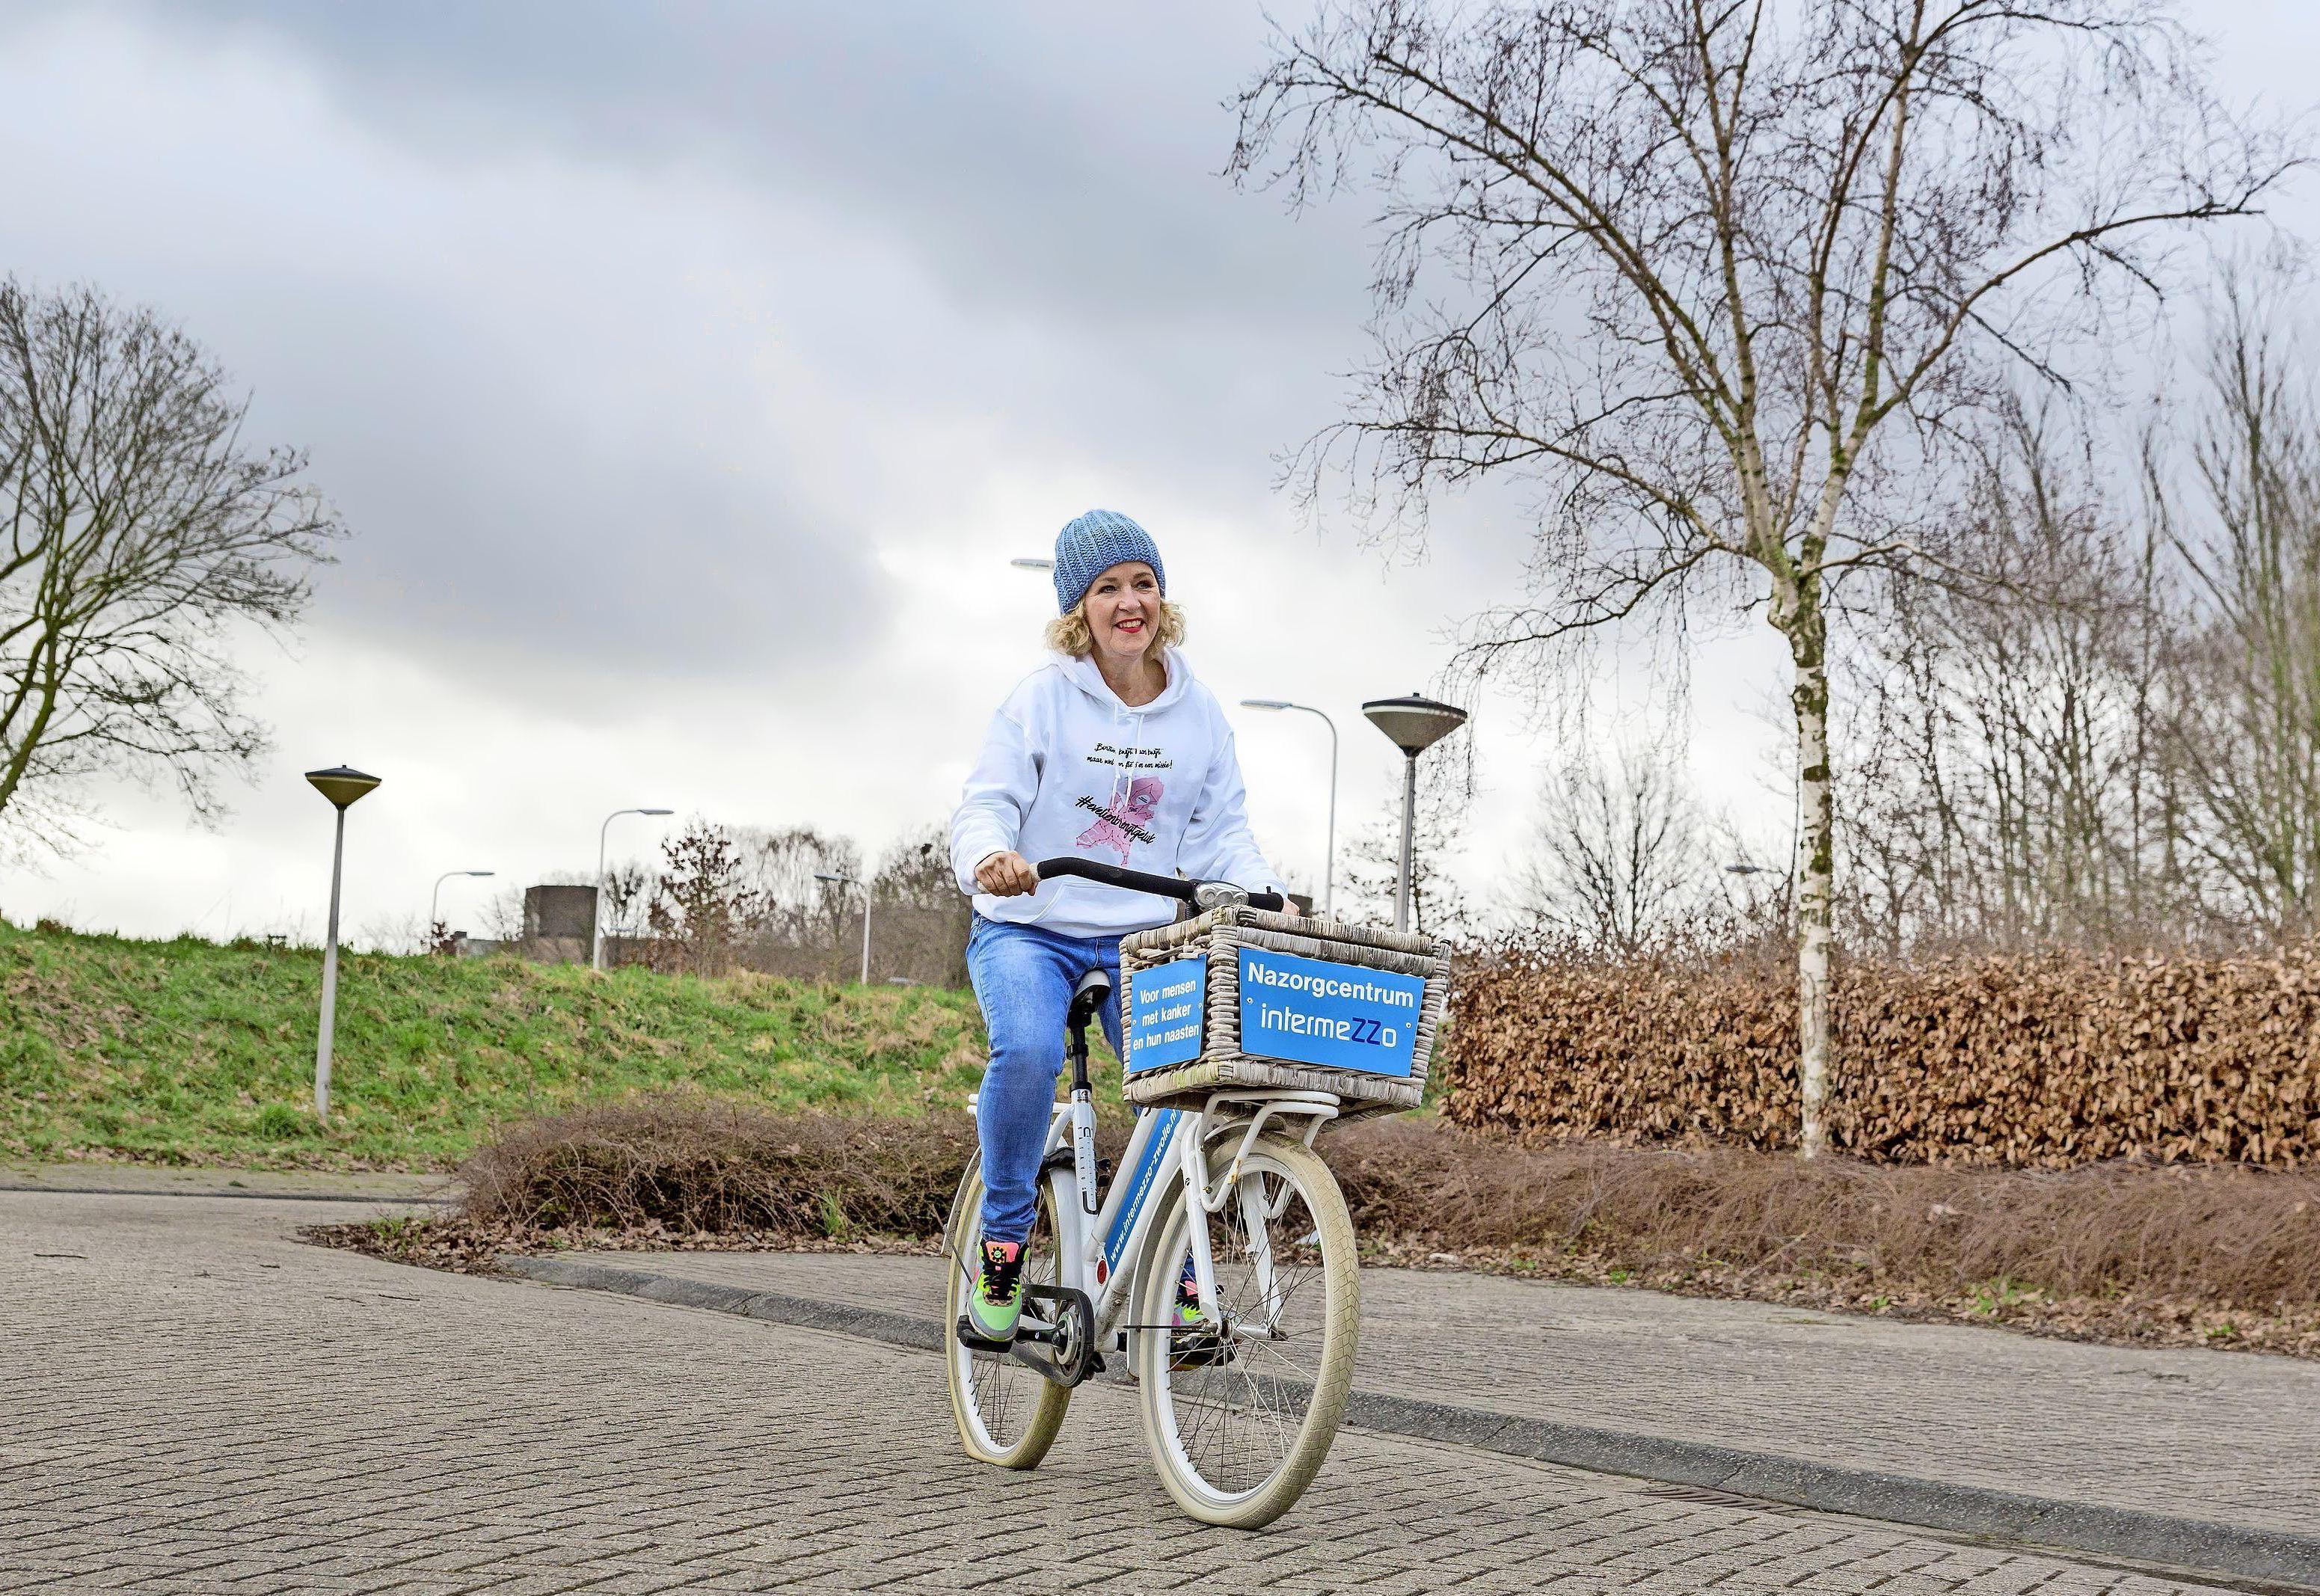 Ex-kankerpatiënt Evelien van der Werff, die 2000 kilometer fietst langs 75 inloophuizen, doet ook Pisa in Hoorn even aan. En Marinet Koeman uit Hoorn ook, met een eigen actie